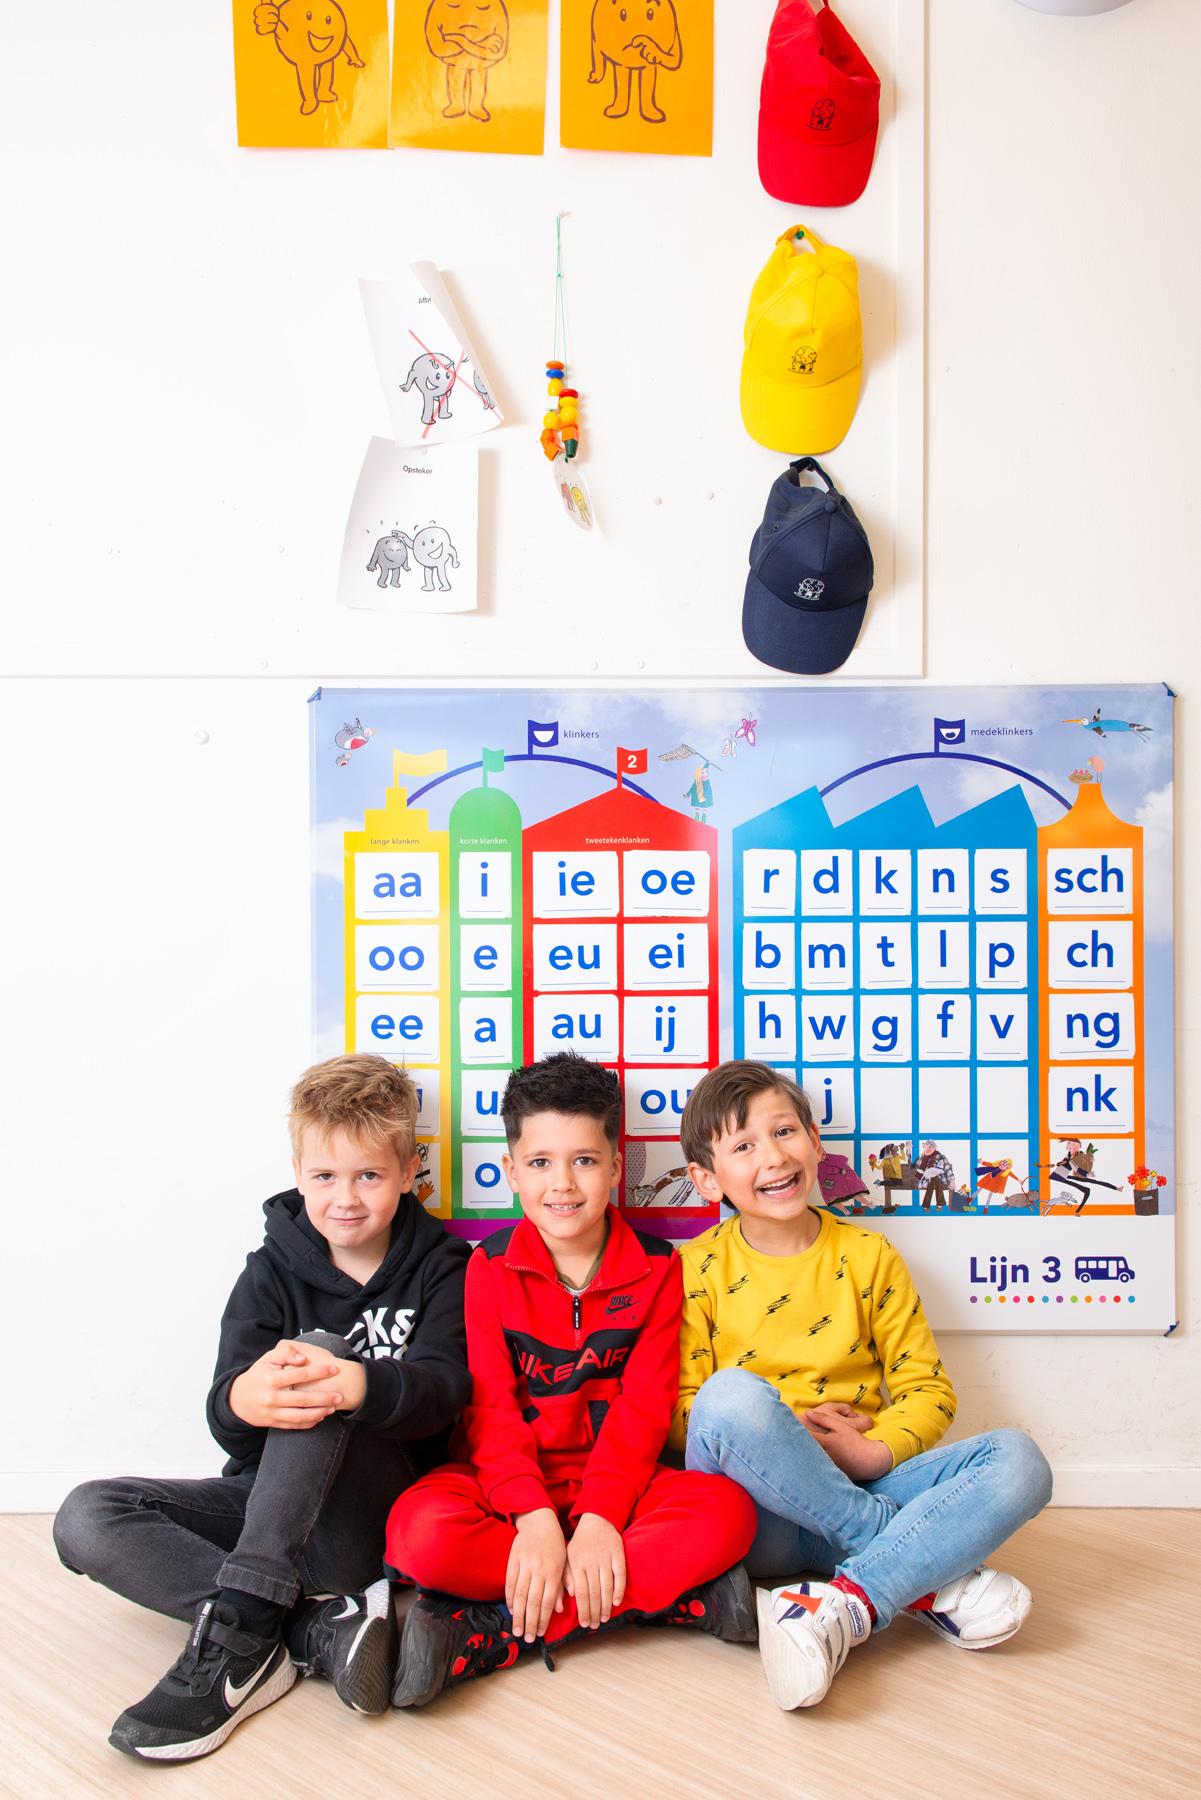 Kindcentrum Oranje Nassau Nijkerk 37 LR